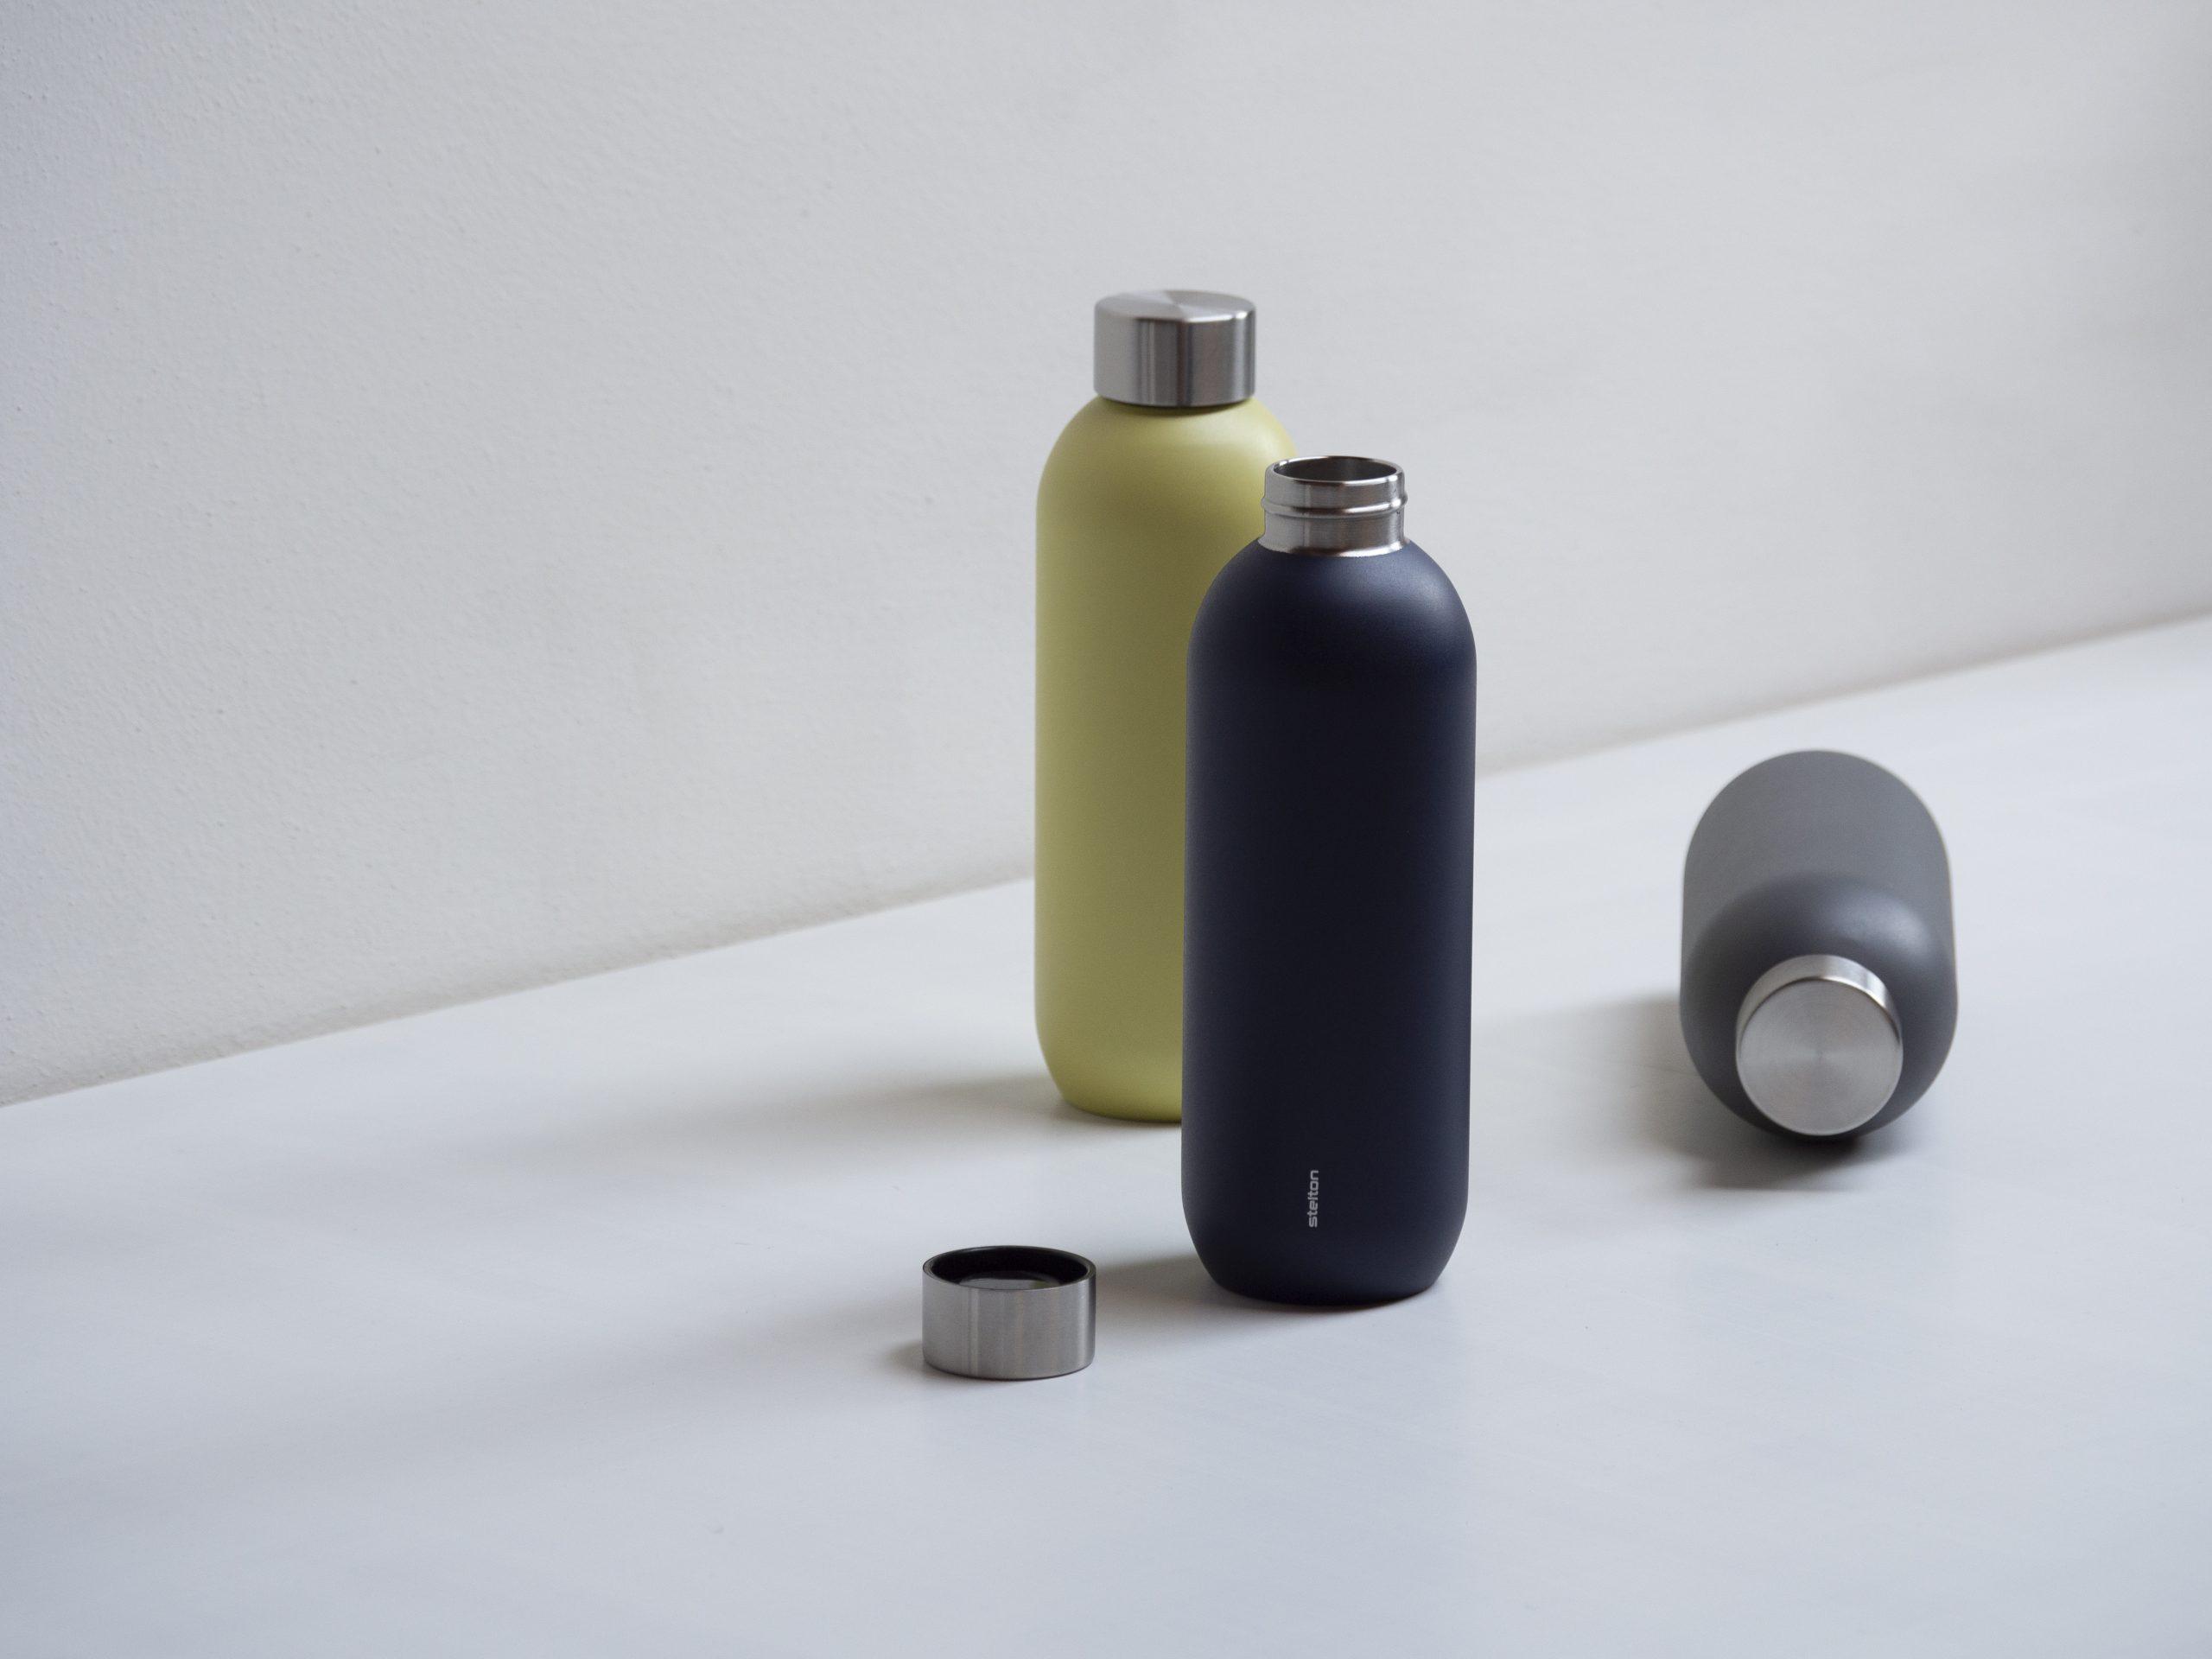 Keep Cool bottle by Debiasi Sandri for Stelton